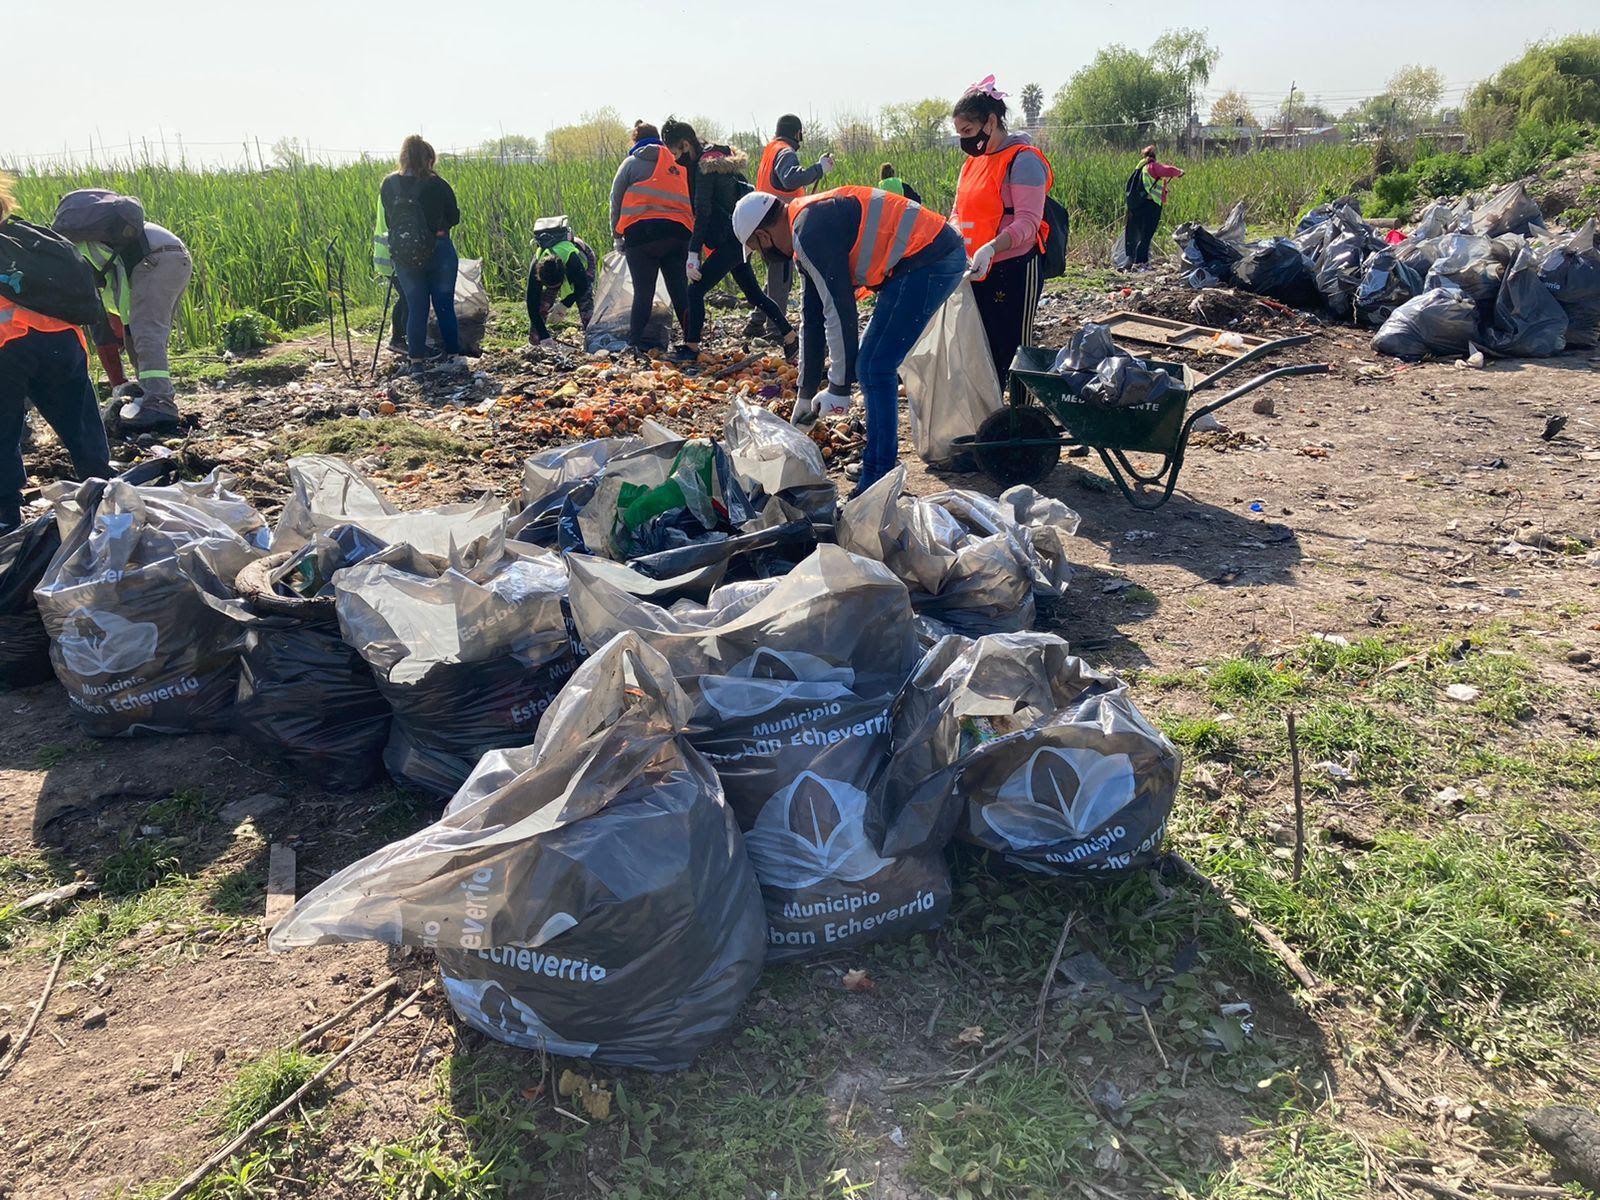 Trabajos de limpieza y reciclado en la Laguna de Rocha